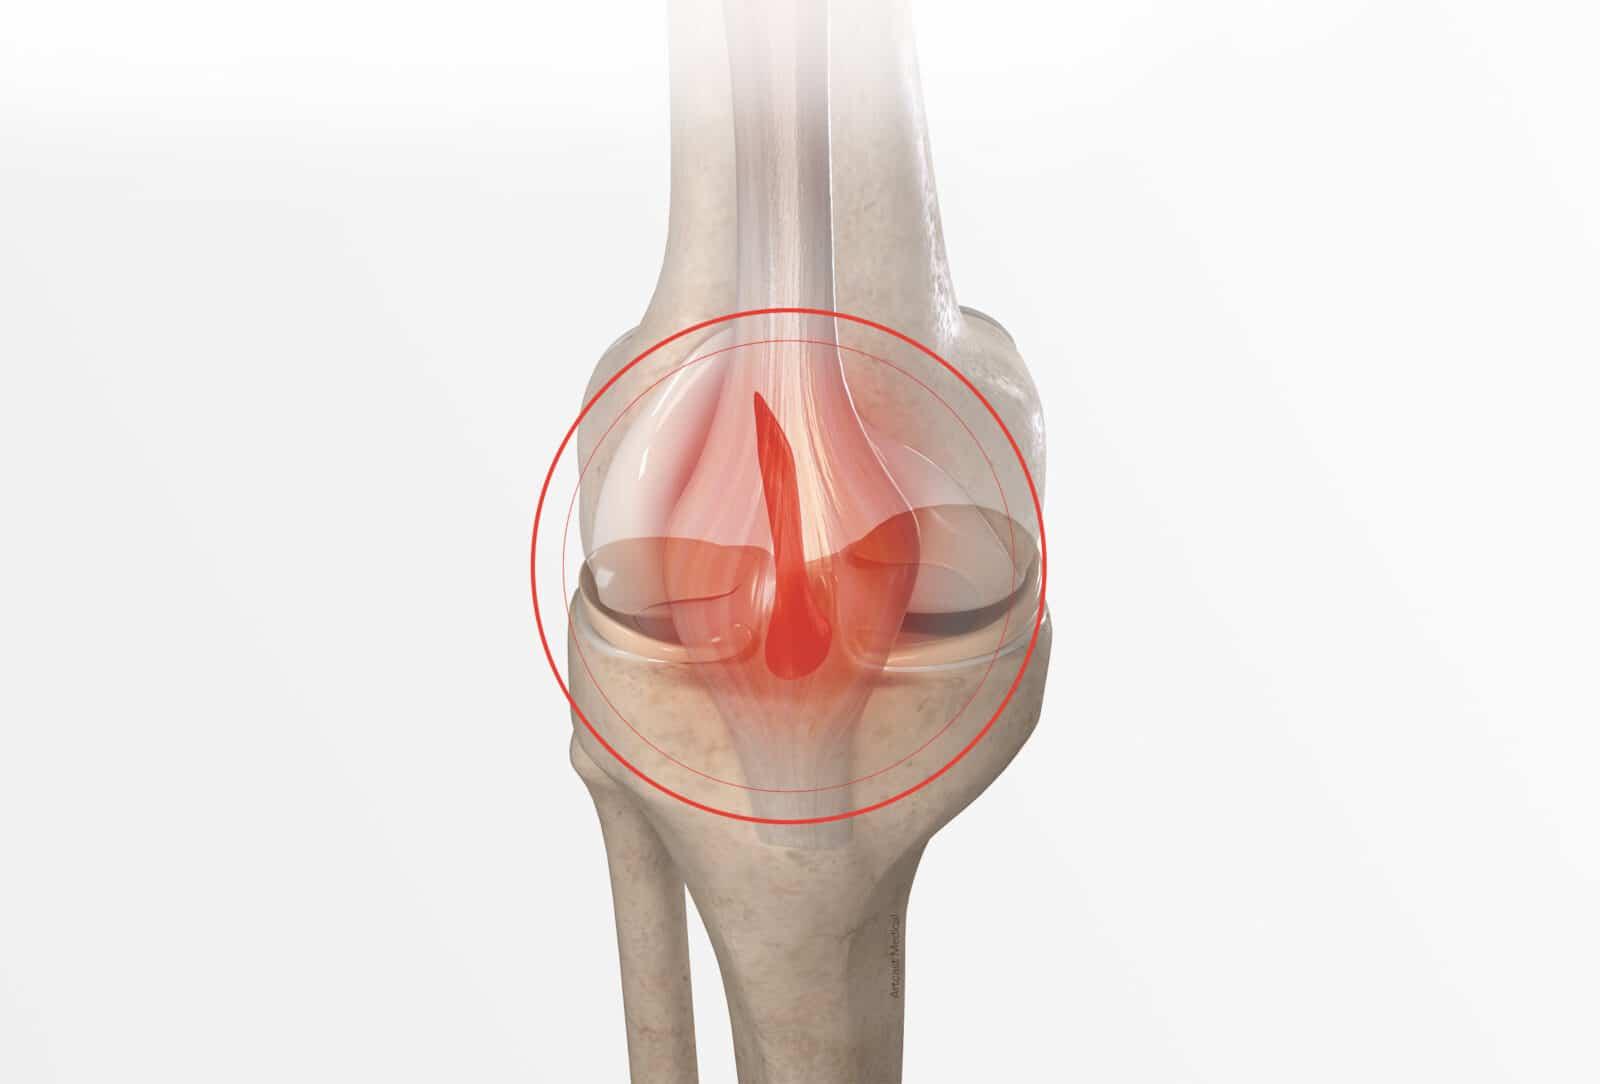 Traitement de la rupture du ligament croisé antérieur (LCA) à Paris - Dr Paillard